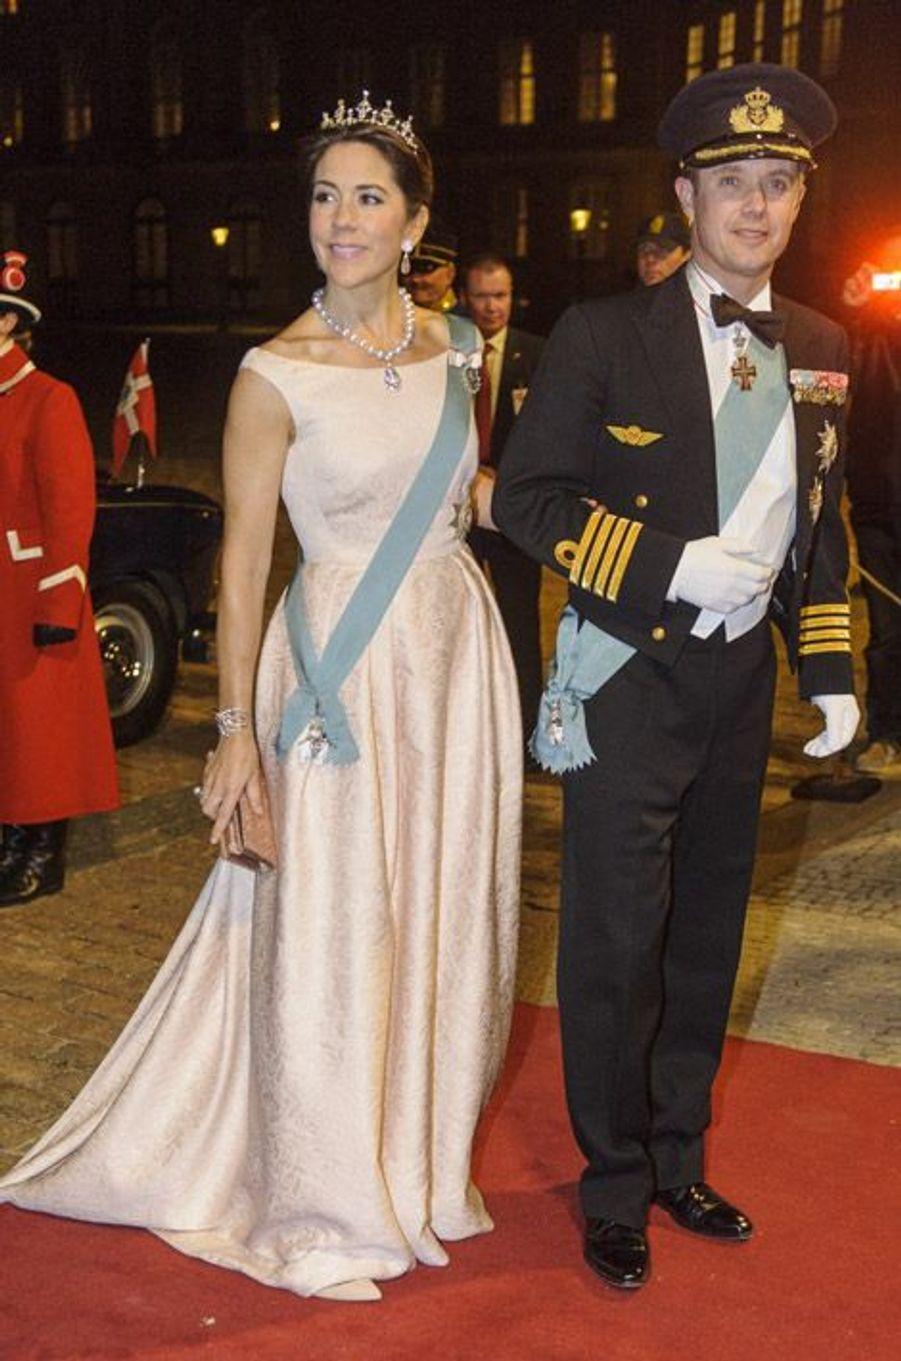 La princesse Mary du Danemark à Copenhague, le 17 mars 2014